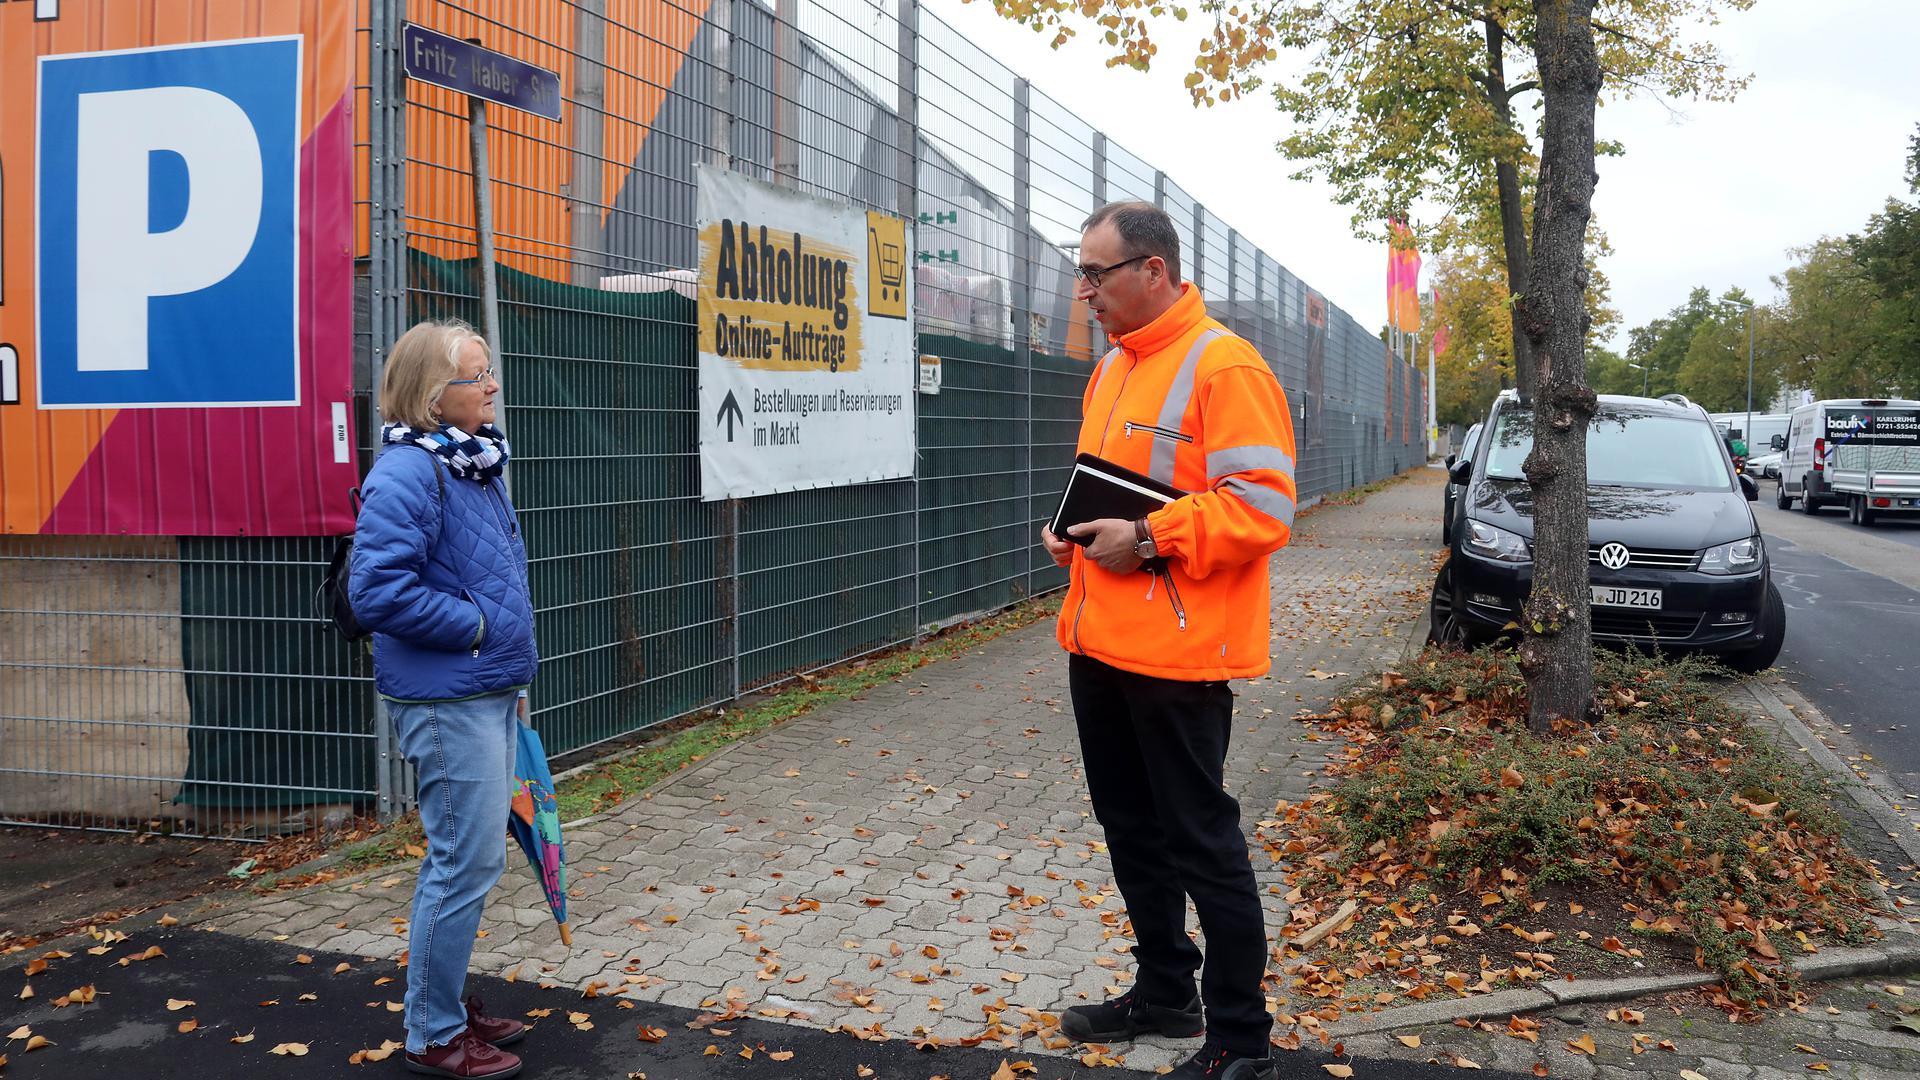 15.10.2020 I hätt do mol e Frog: Bernhard Enderlin vom Tiefbauamt erklärt Elke Stiefel in Grünwinkel, wer die Gehwege und Rinnsteine bei Firmengebäuden sauber hält.